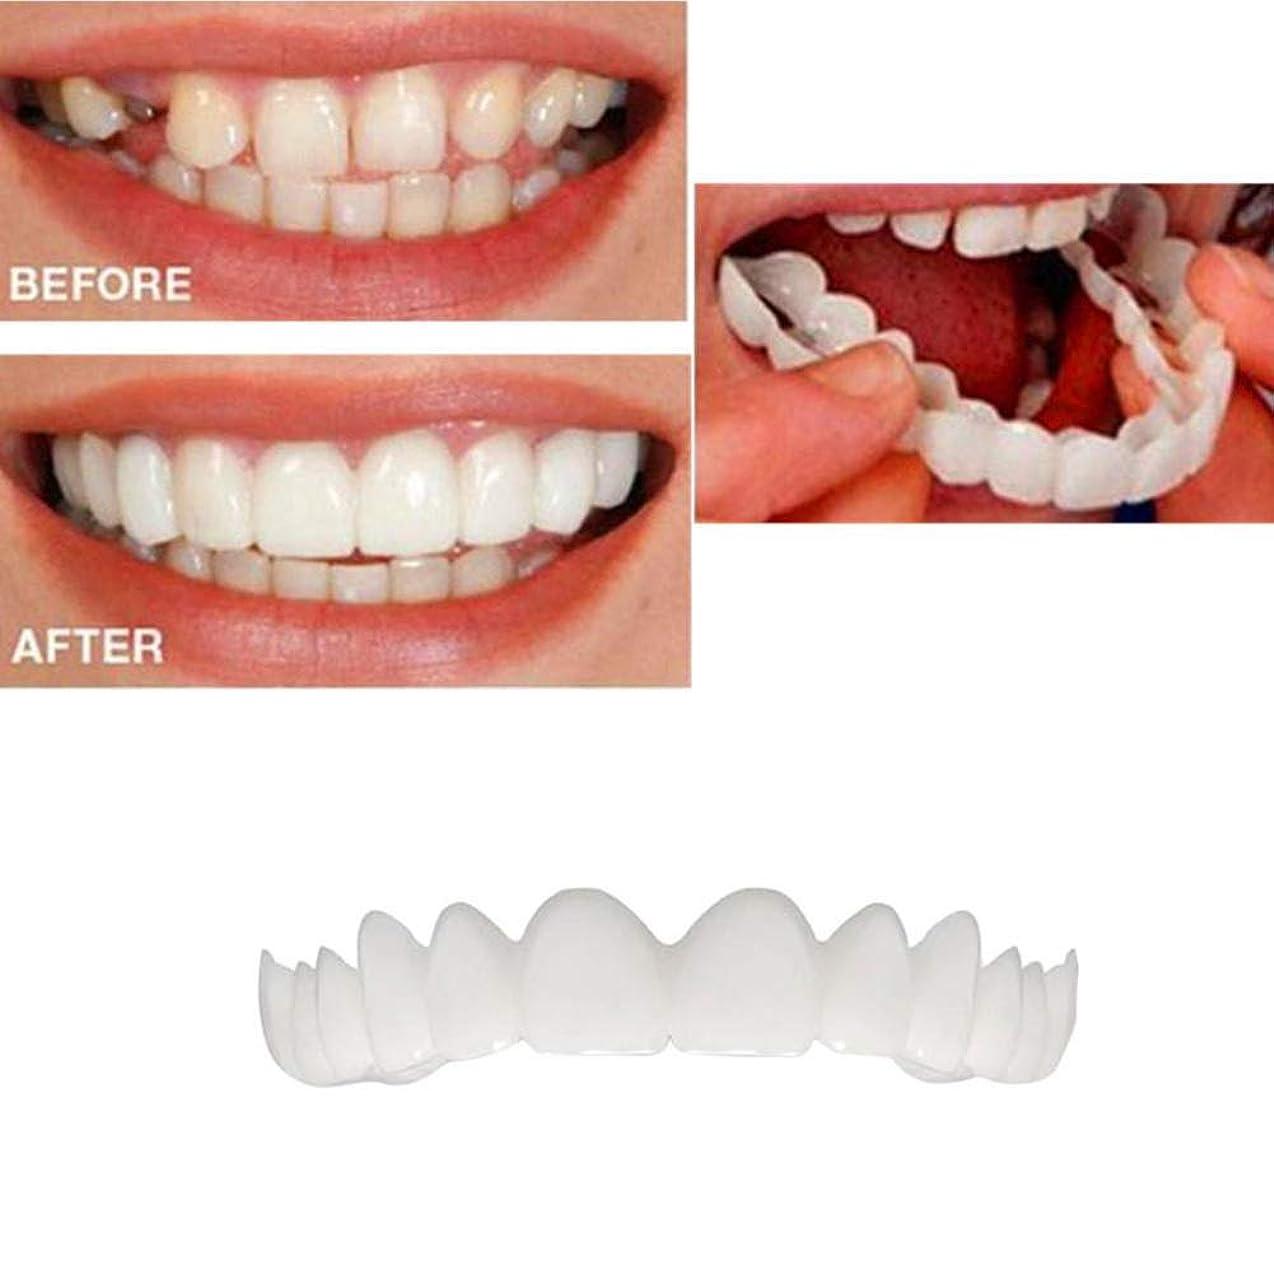 囲む王女驚いたインスタント快適で柔らかい完璧なベニヤの歯スナップキャップを白くする一時的な化粧品歯義歯歯の化粧品シミュレーション上袖/下括弧の5枚,Upperteeth5pcs